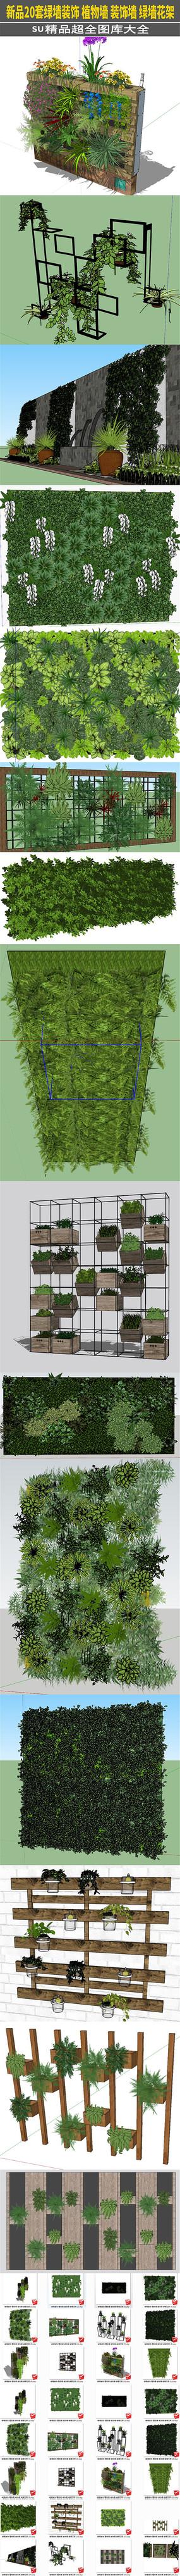 绿墙装饰植物墙装饰墙绿墙花架